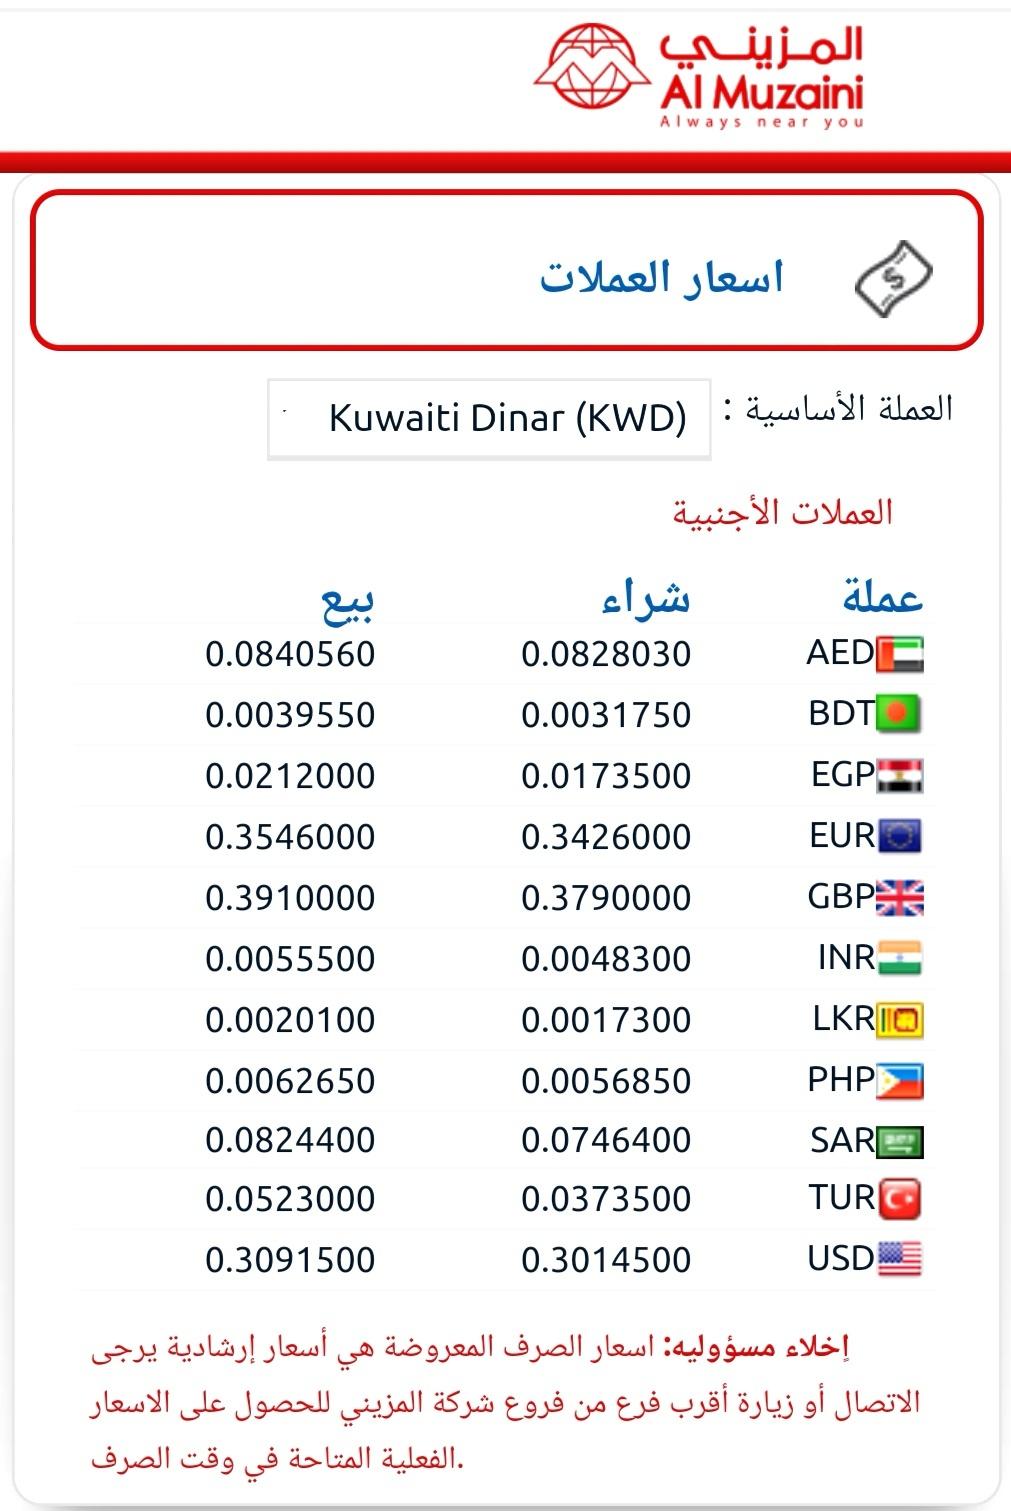 تحويل عملات المزيني ارخص سعر تحويل لمصر سعر تحويل الجنية المصرى السبت ١٨ يوليو